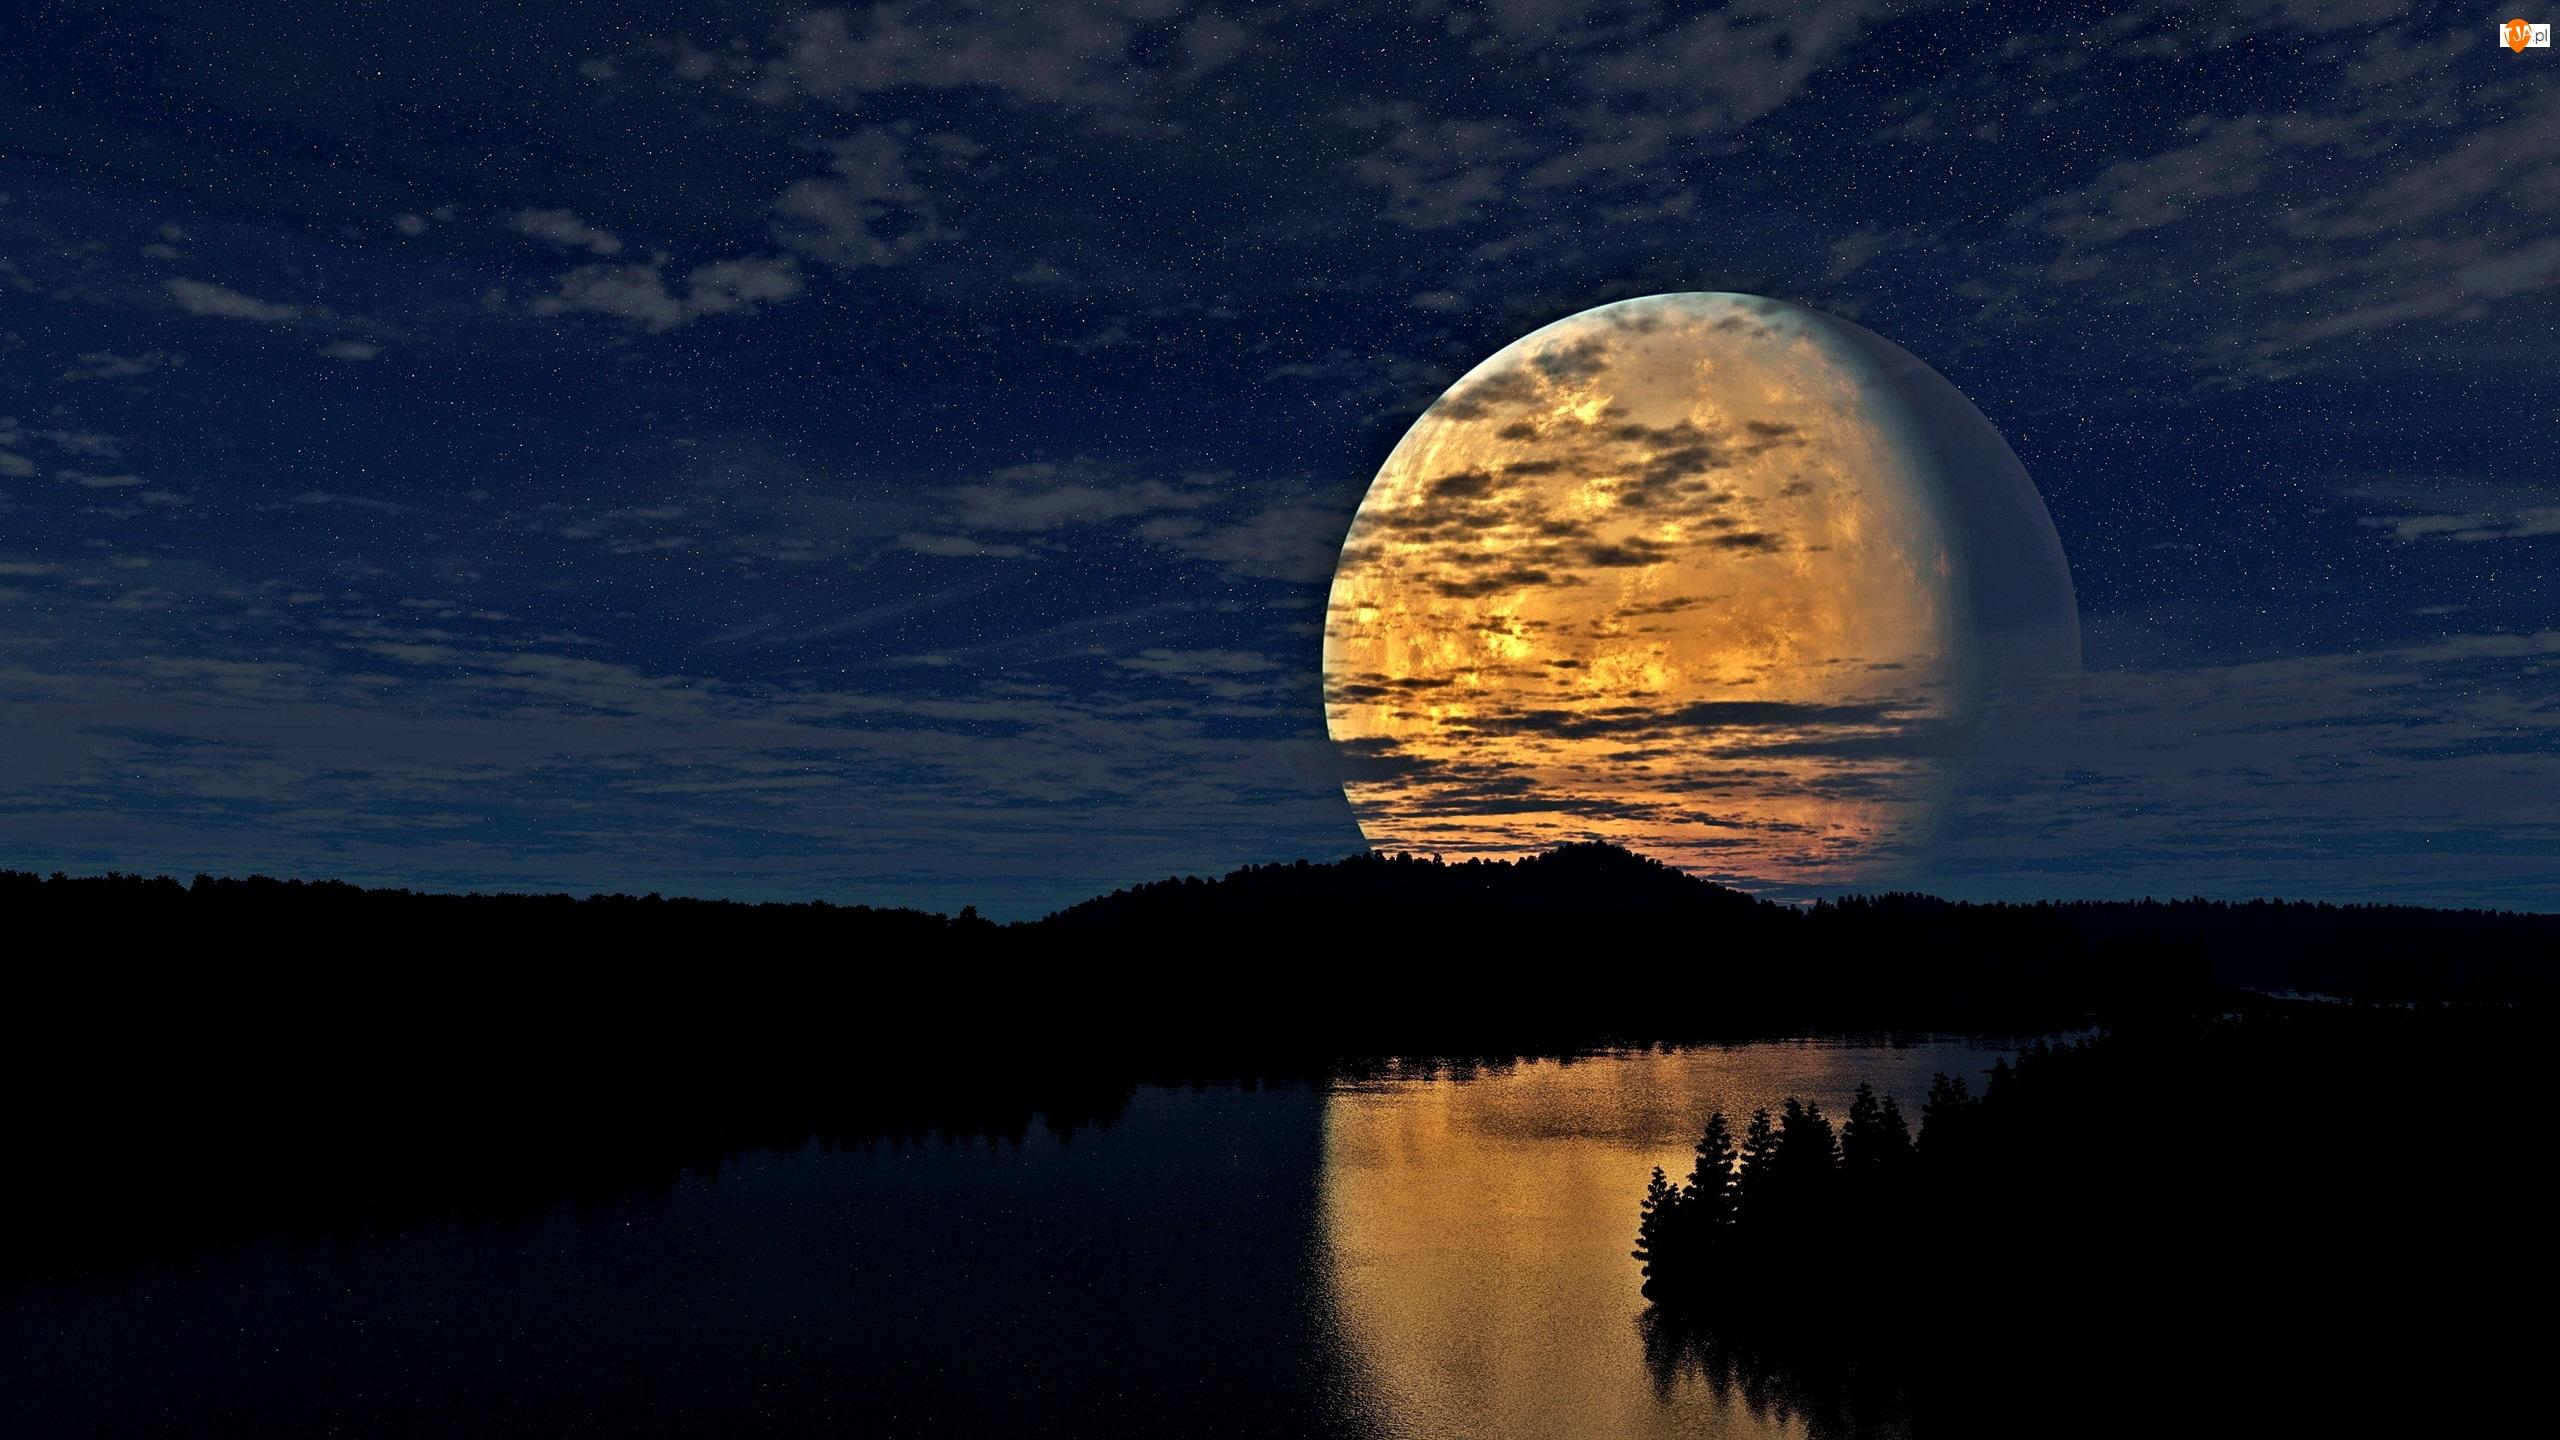 Noc, Księżyc, Las, Rzeka, Gwiazdy